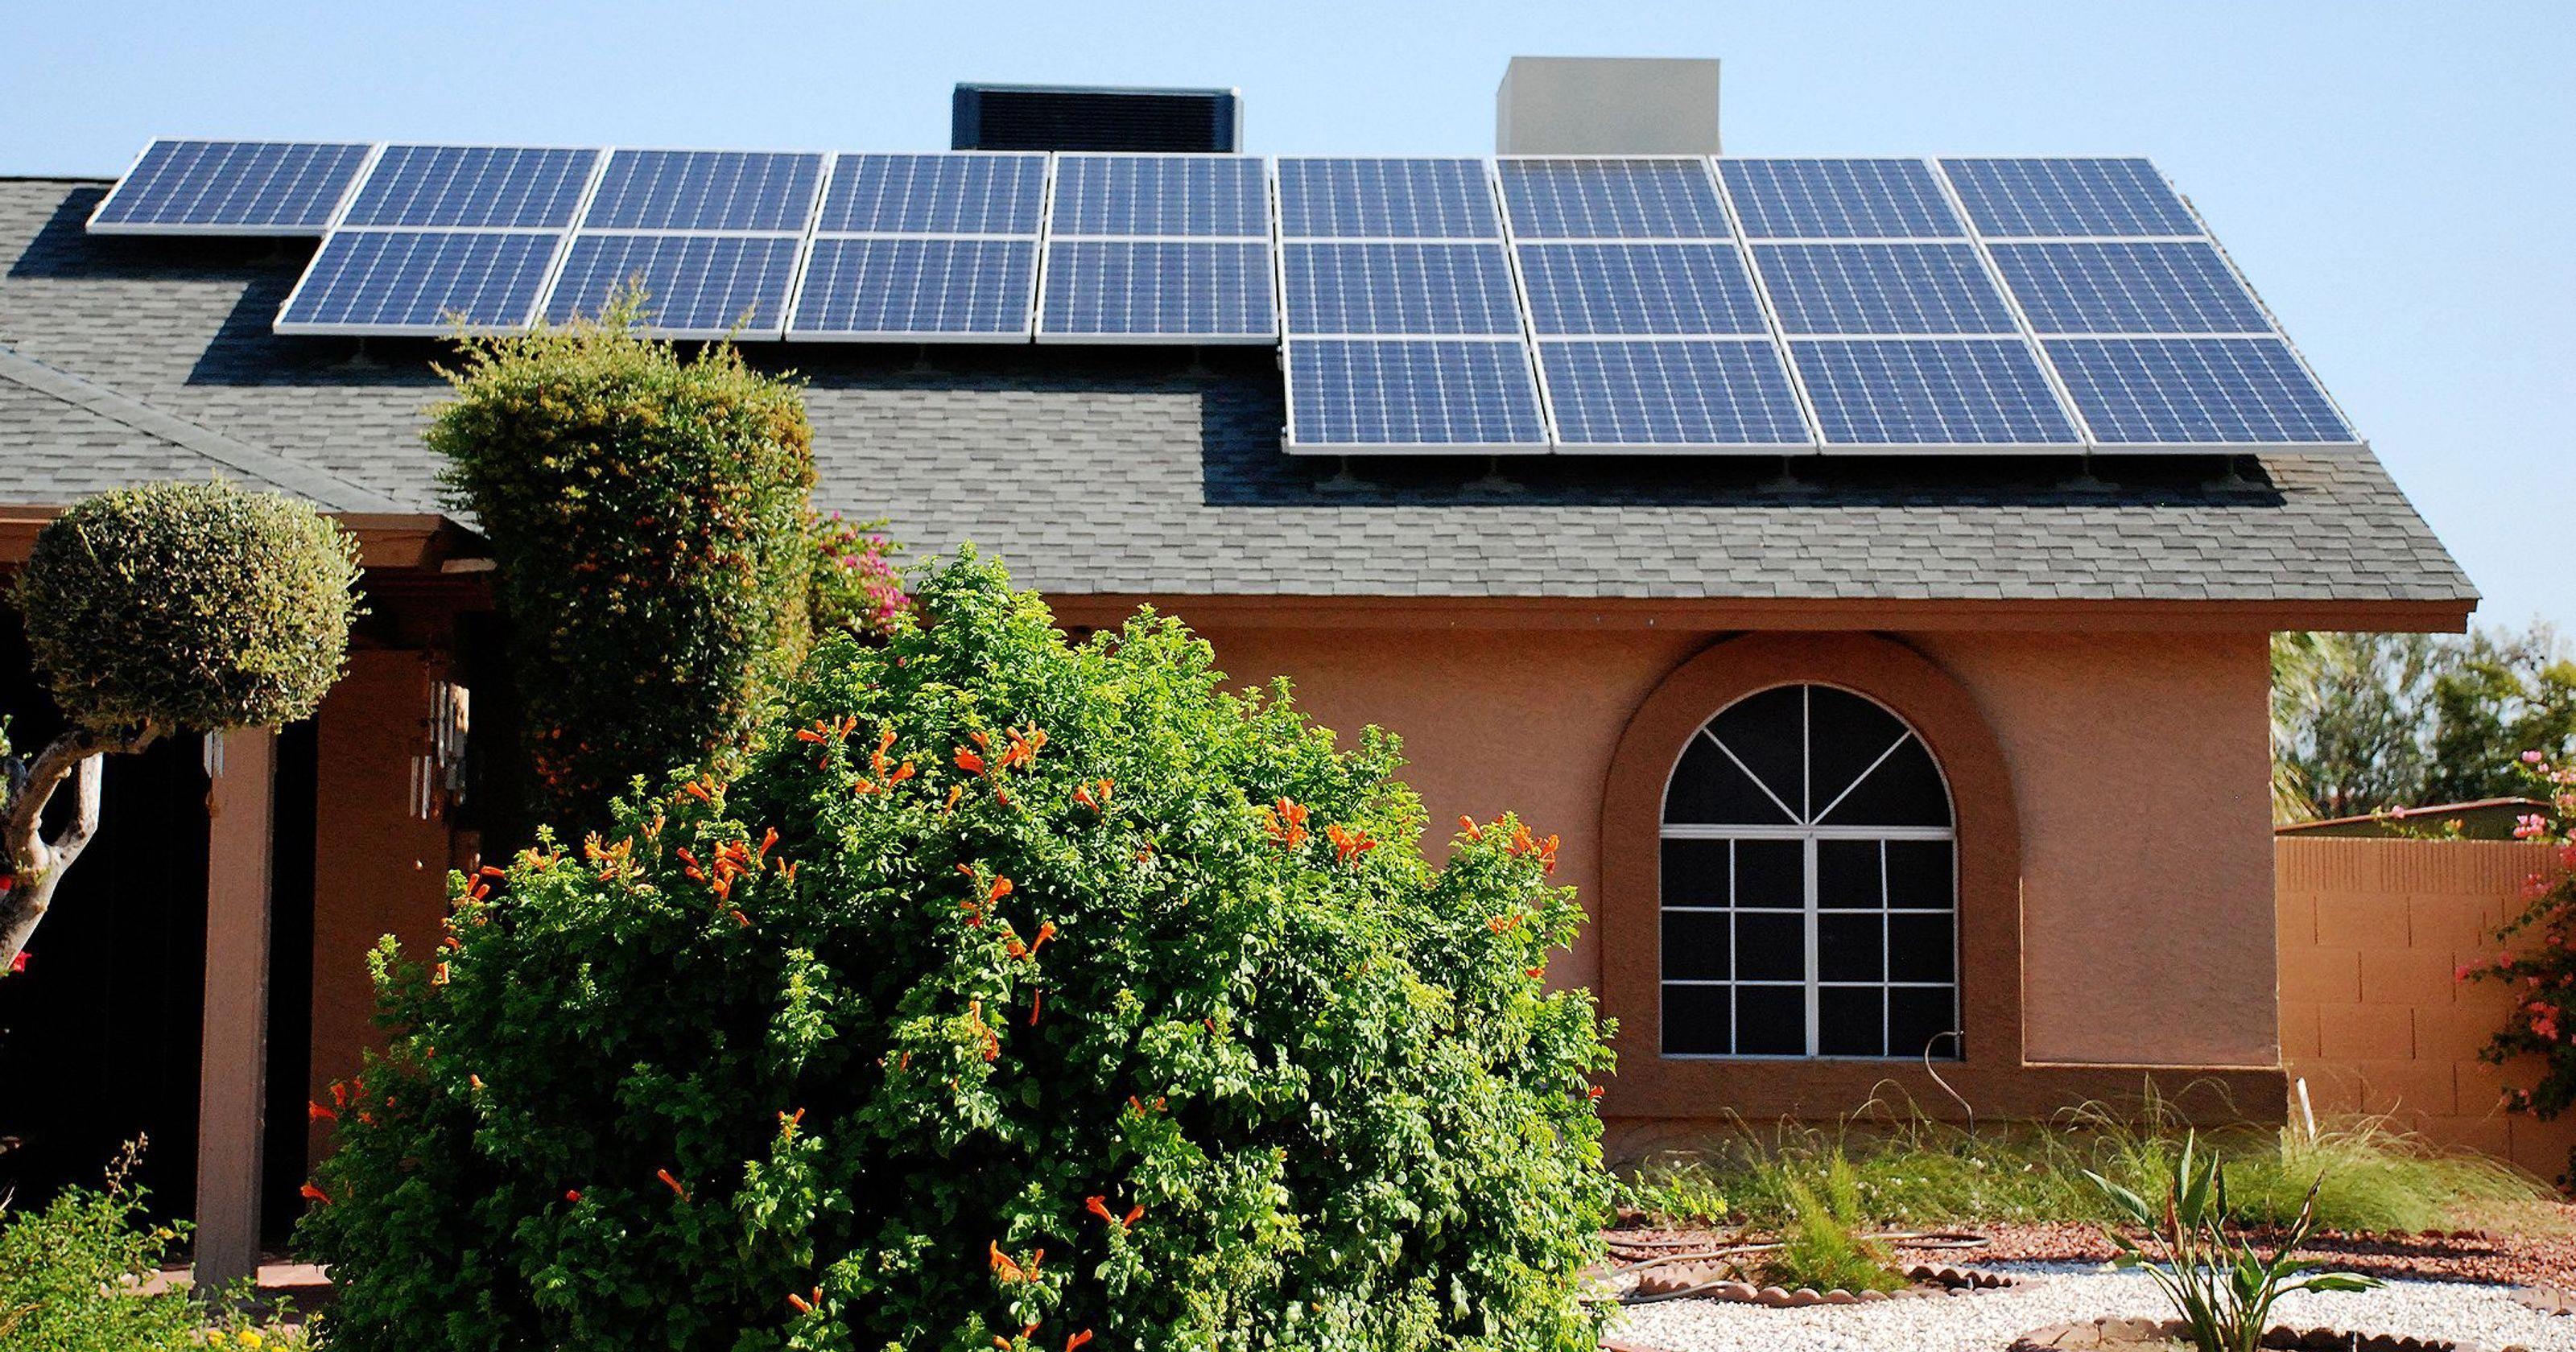 How To Build Solar Panels How To Build Solar Panels Diysolarpowersystem Diysolarsystem Howtobuildsolarpane Free Solar Panels Solar Panels Solar Panel Cost